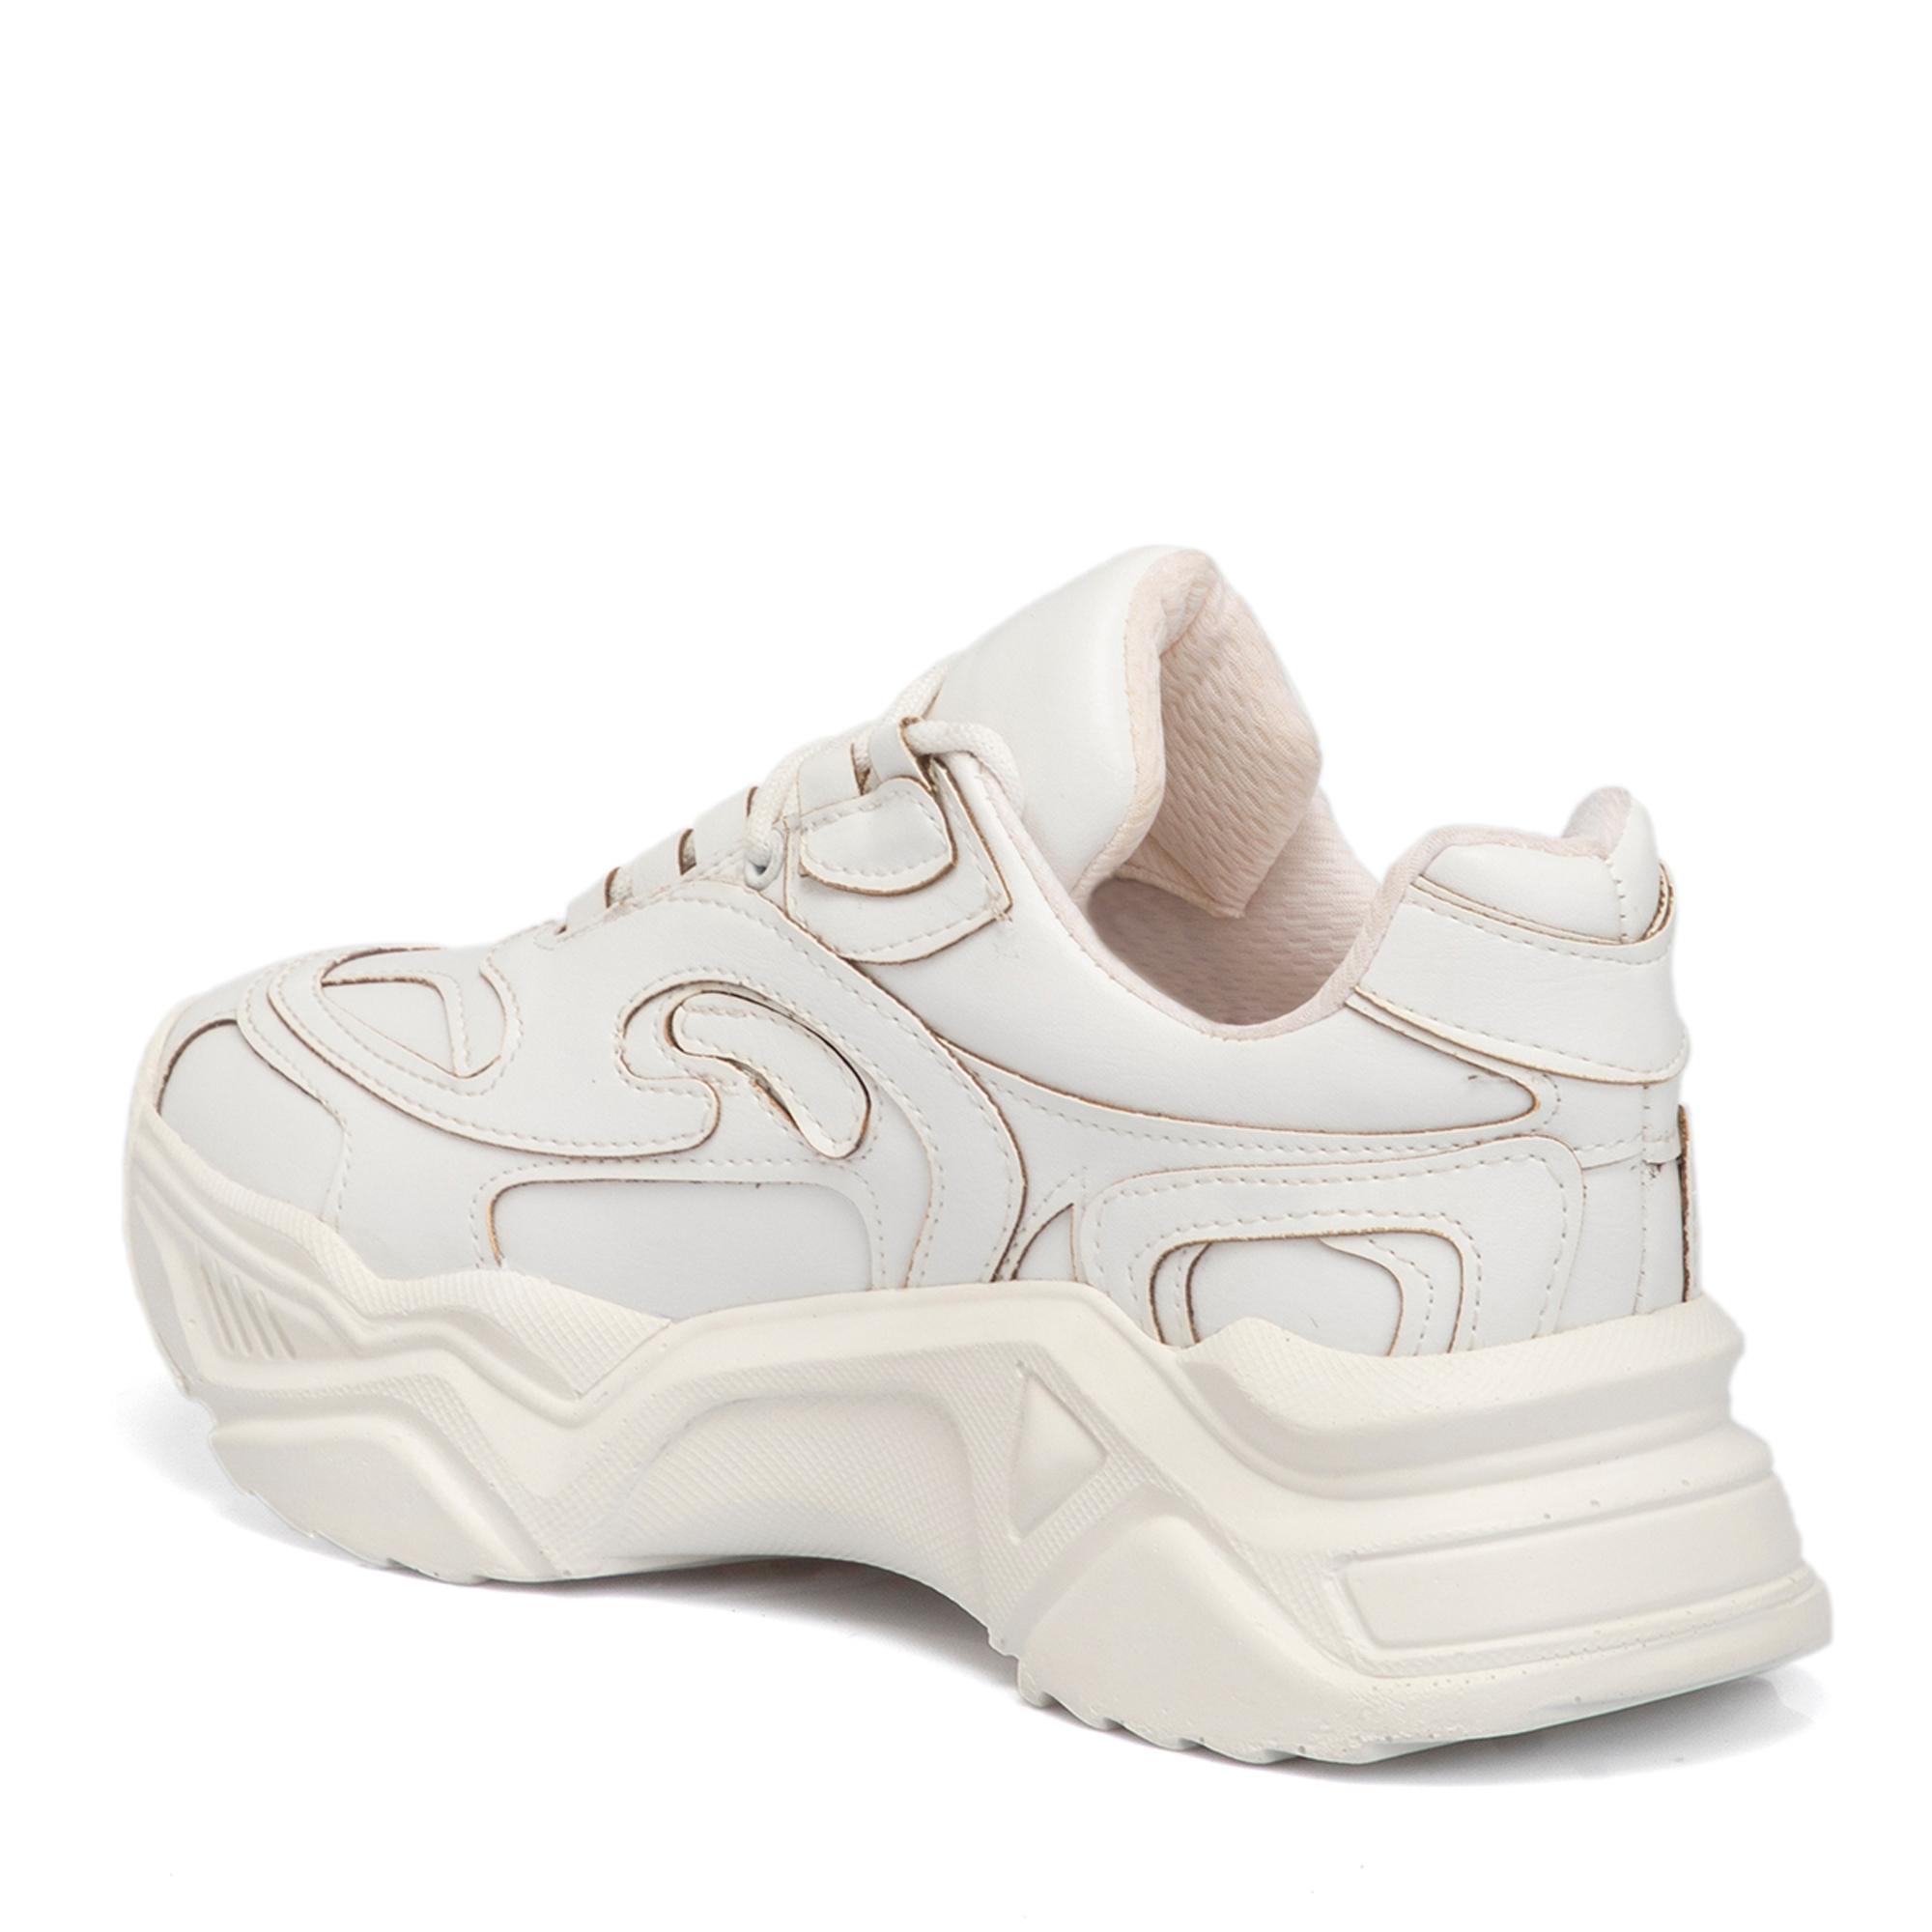 Beyaz Vegan Kadın Ayakkabı 65078D93